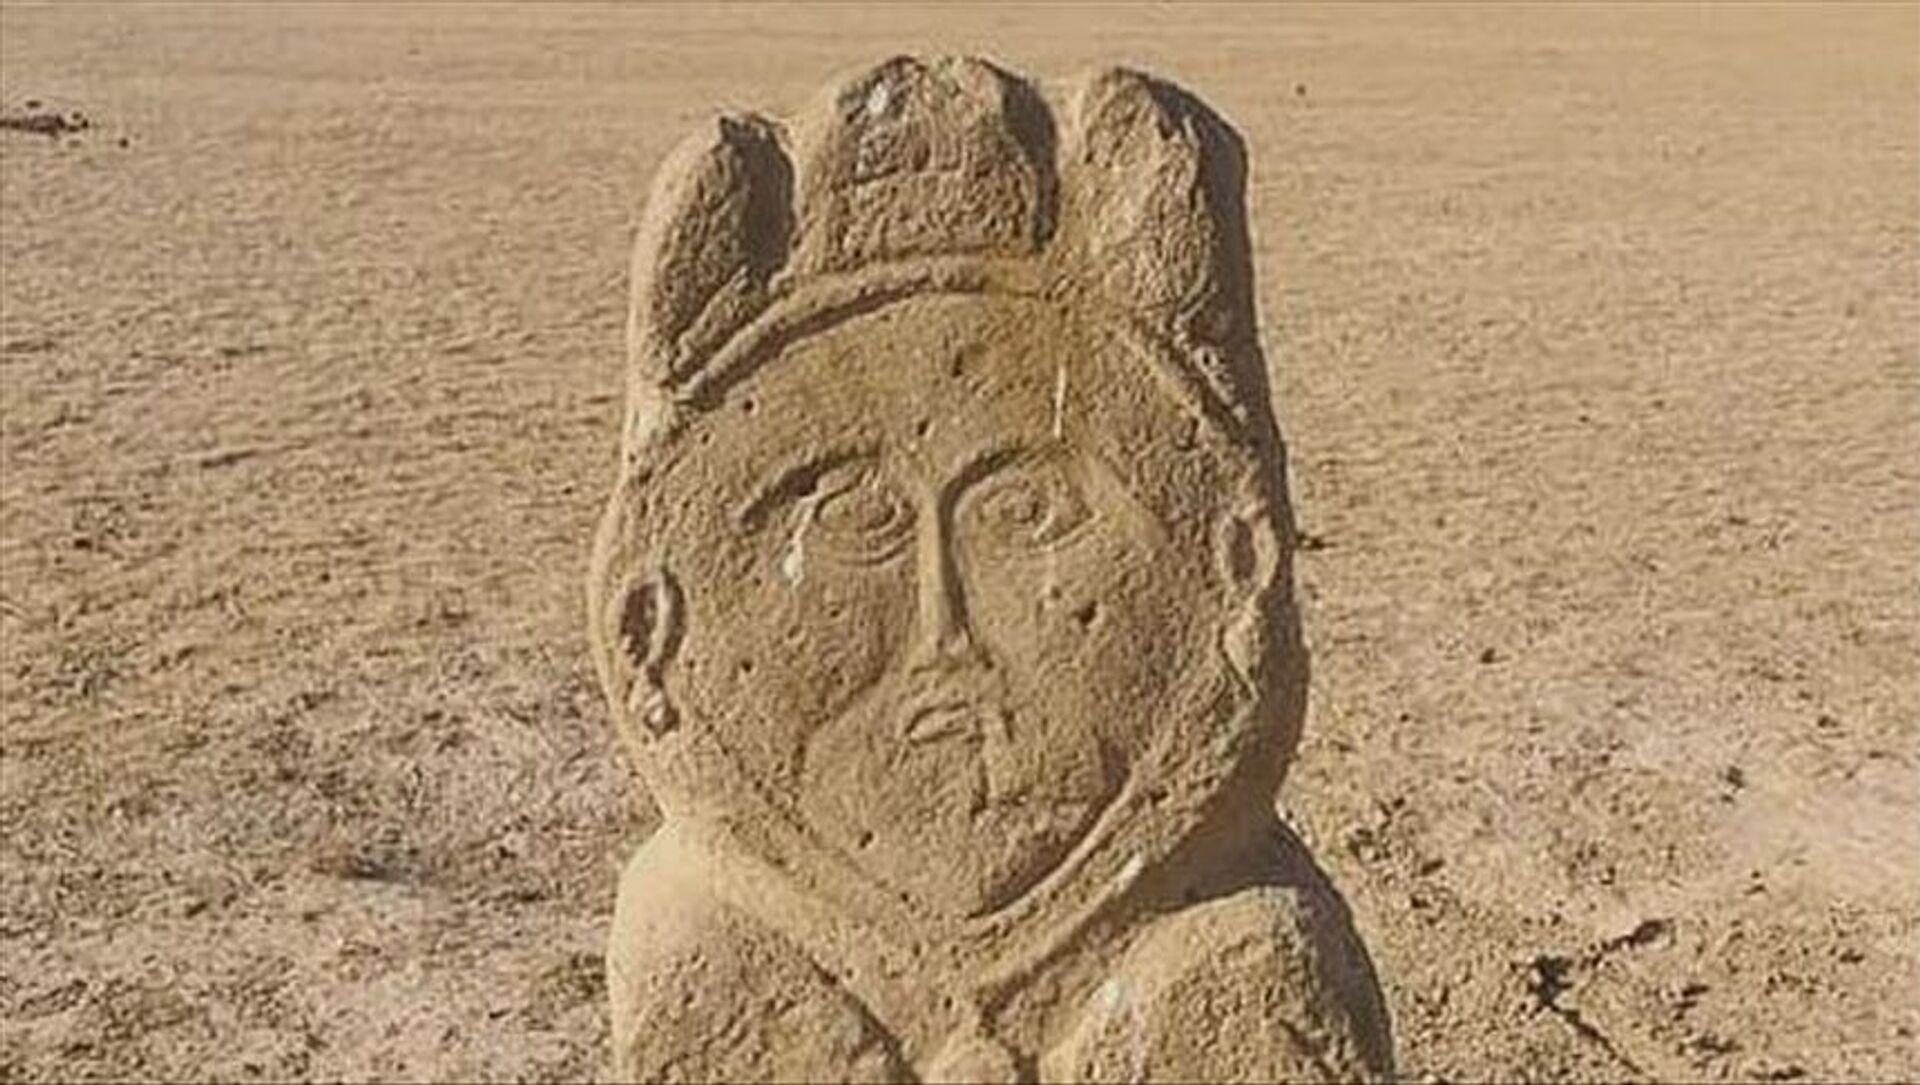 Kazakistan'ın güneyindeki Türkistan şehrine 250 kilometre mesafede, yaklaşık 1300 yıllık eski Türk dönemine ait taş heykele rastlandı. - Sputnik Türkiye, 1920, 01.08.2021